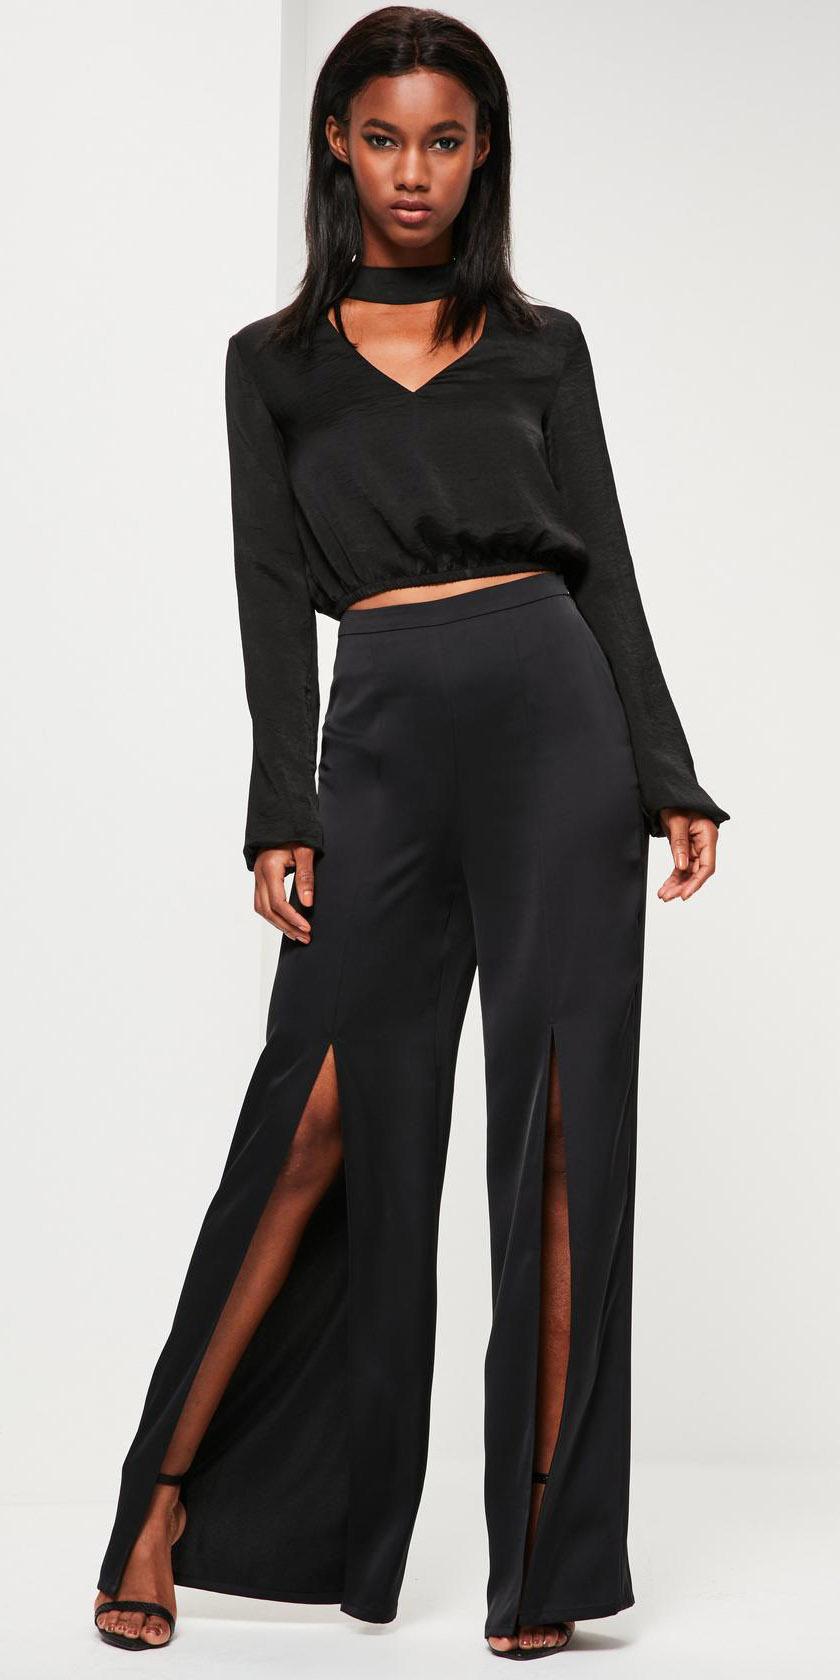 black-wideleg-pants-black-top-blouse-satin-mono-black-shoe-sandalh-slit-fall-winter-brun-dinner.jpg